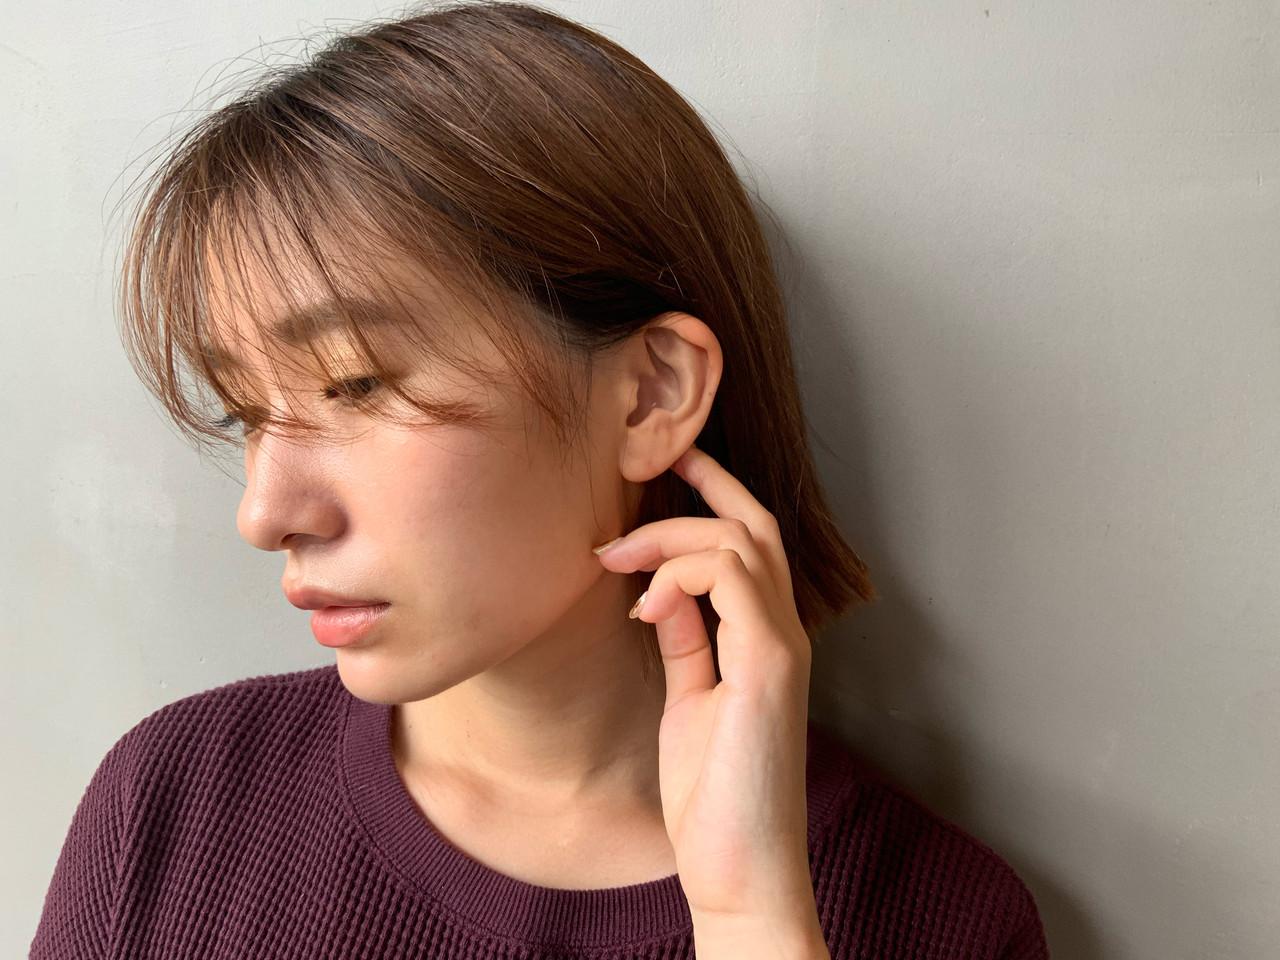 ショートヘア 切りっぱなしボブ ナチュラル アッシュベージュ ヘアスタイルや髪型の写真・画像 | Yohei Kato / Lin'ne 代表